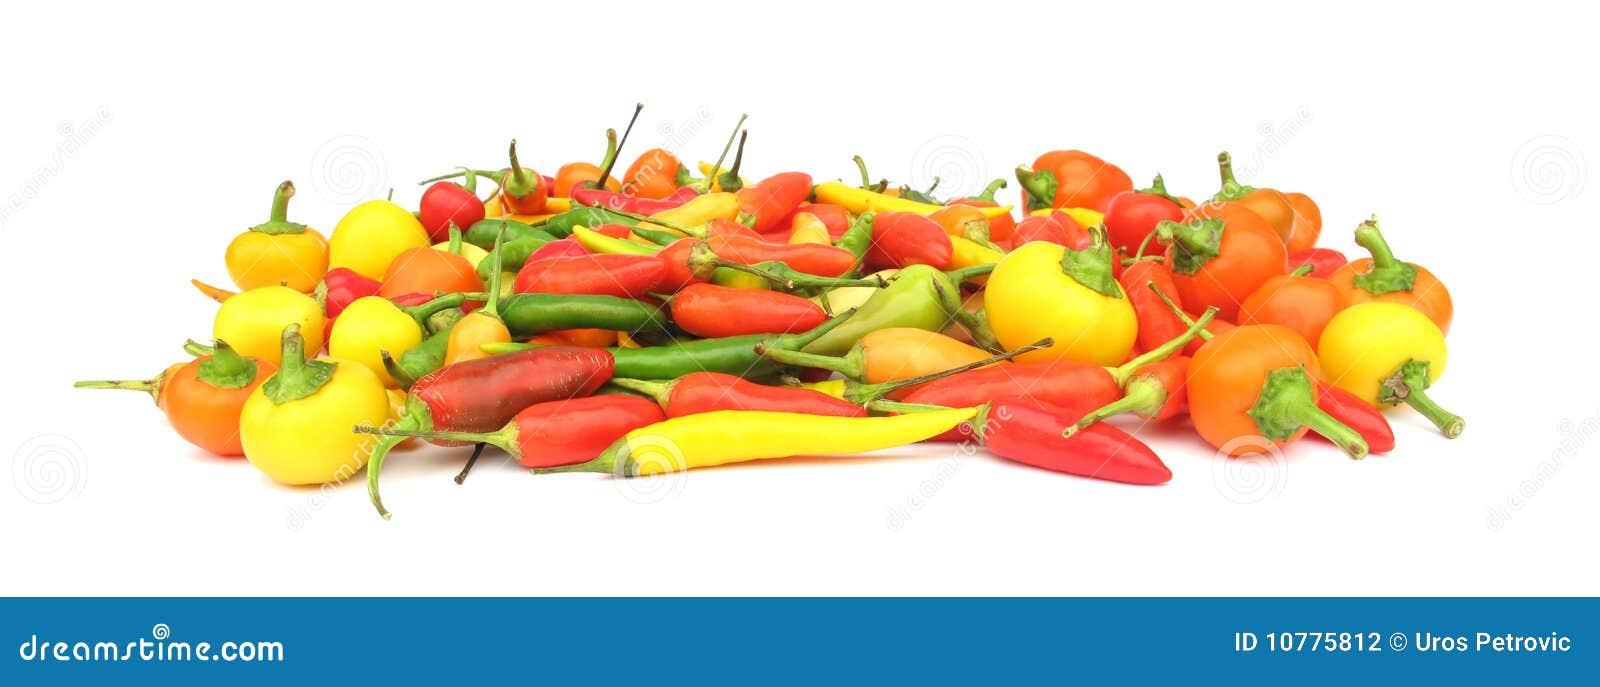 De peperpaprika van de Spaanse peper